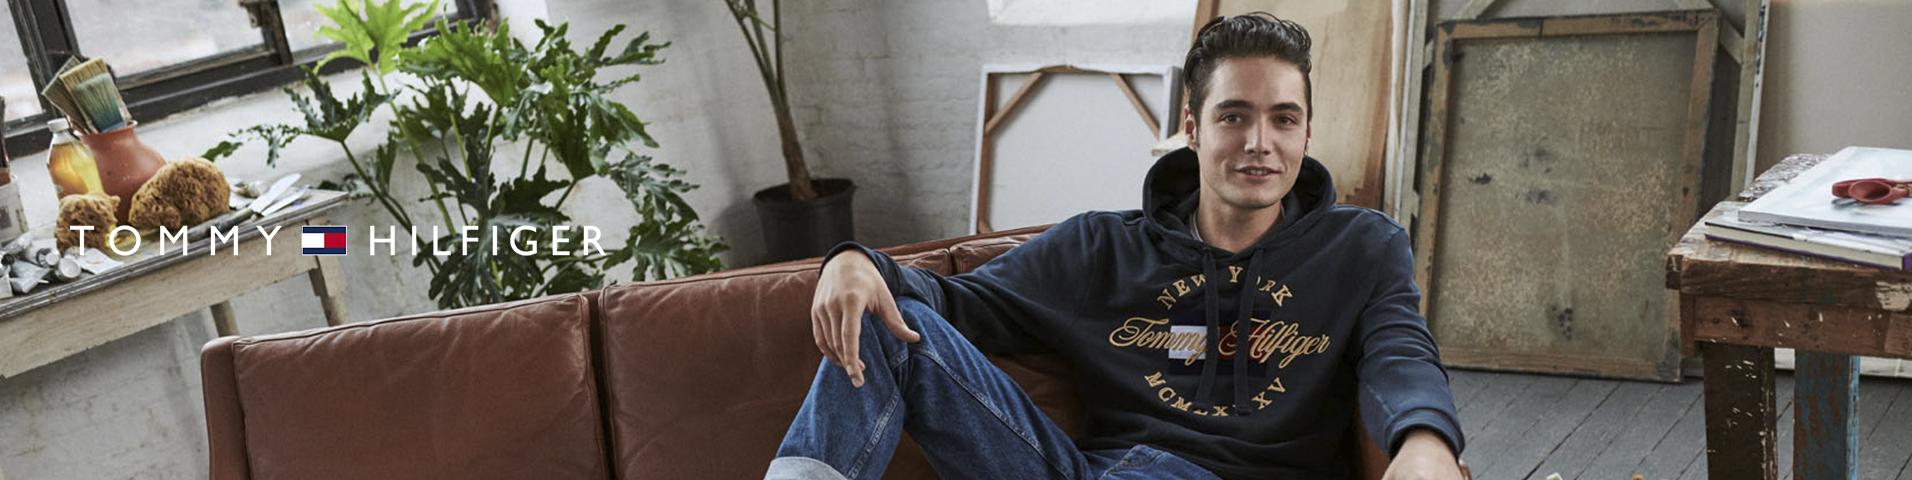 12f6ed899c6c Chemises homme Tommy Hilfiger • Achetez en ligne